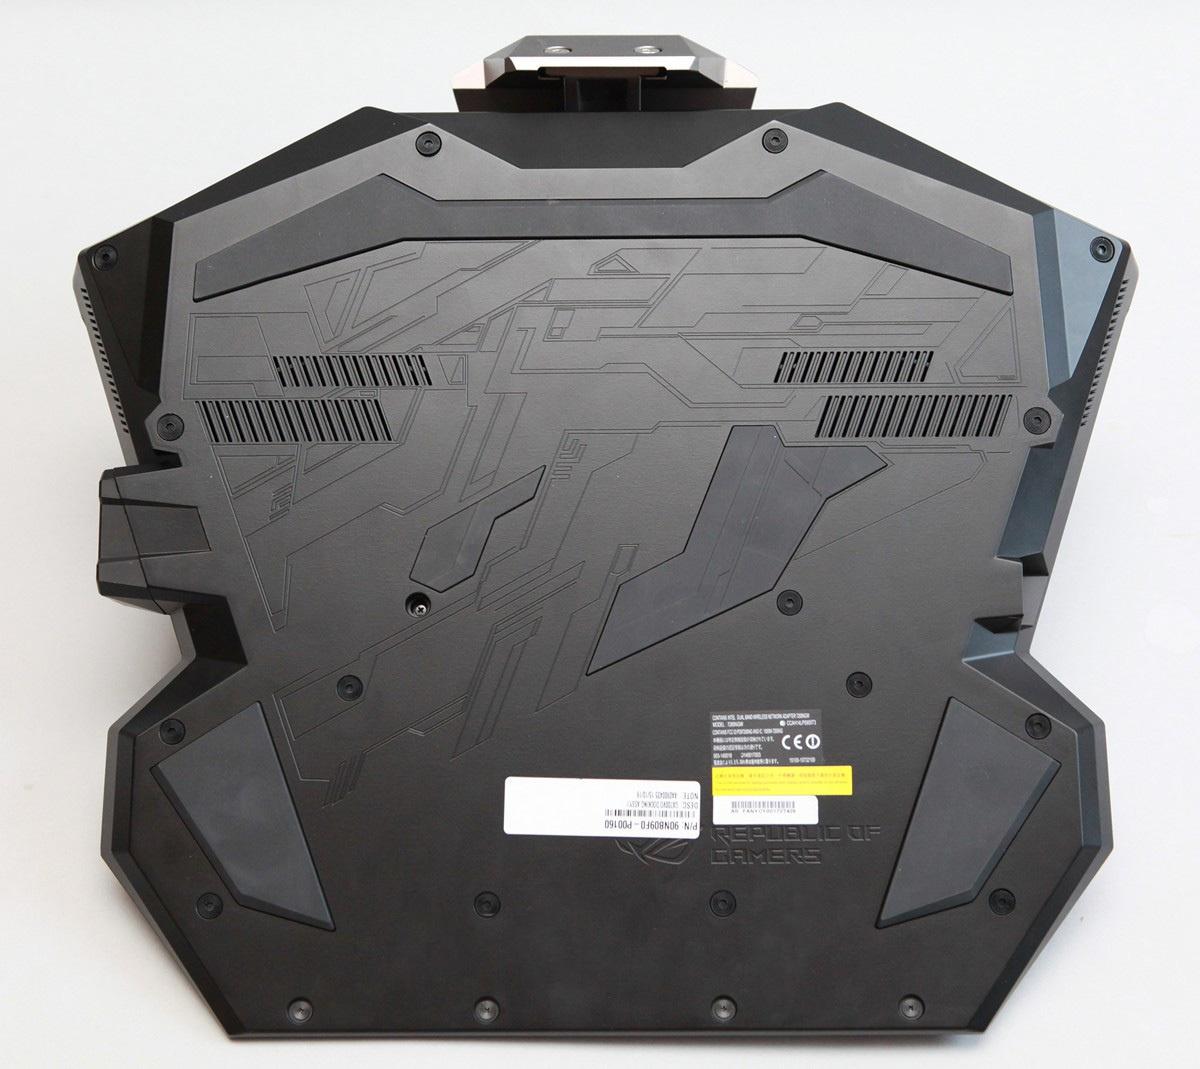 Обзор игровой системы GX700VO - 42